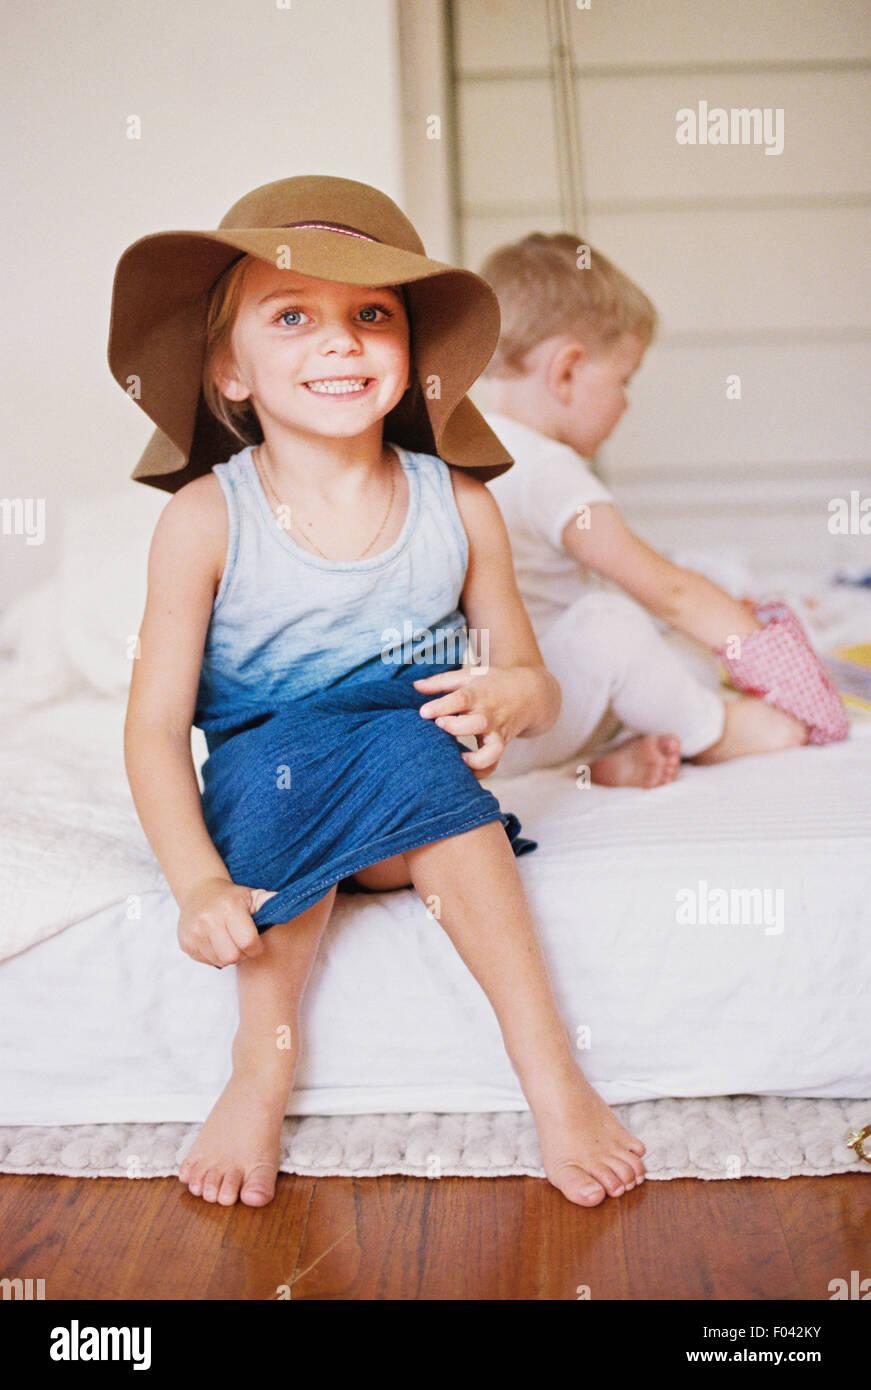 Jeune fille porte une robe et un grand chapeau de disquette sur un lit avec son jeune frère. Photo Stock